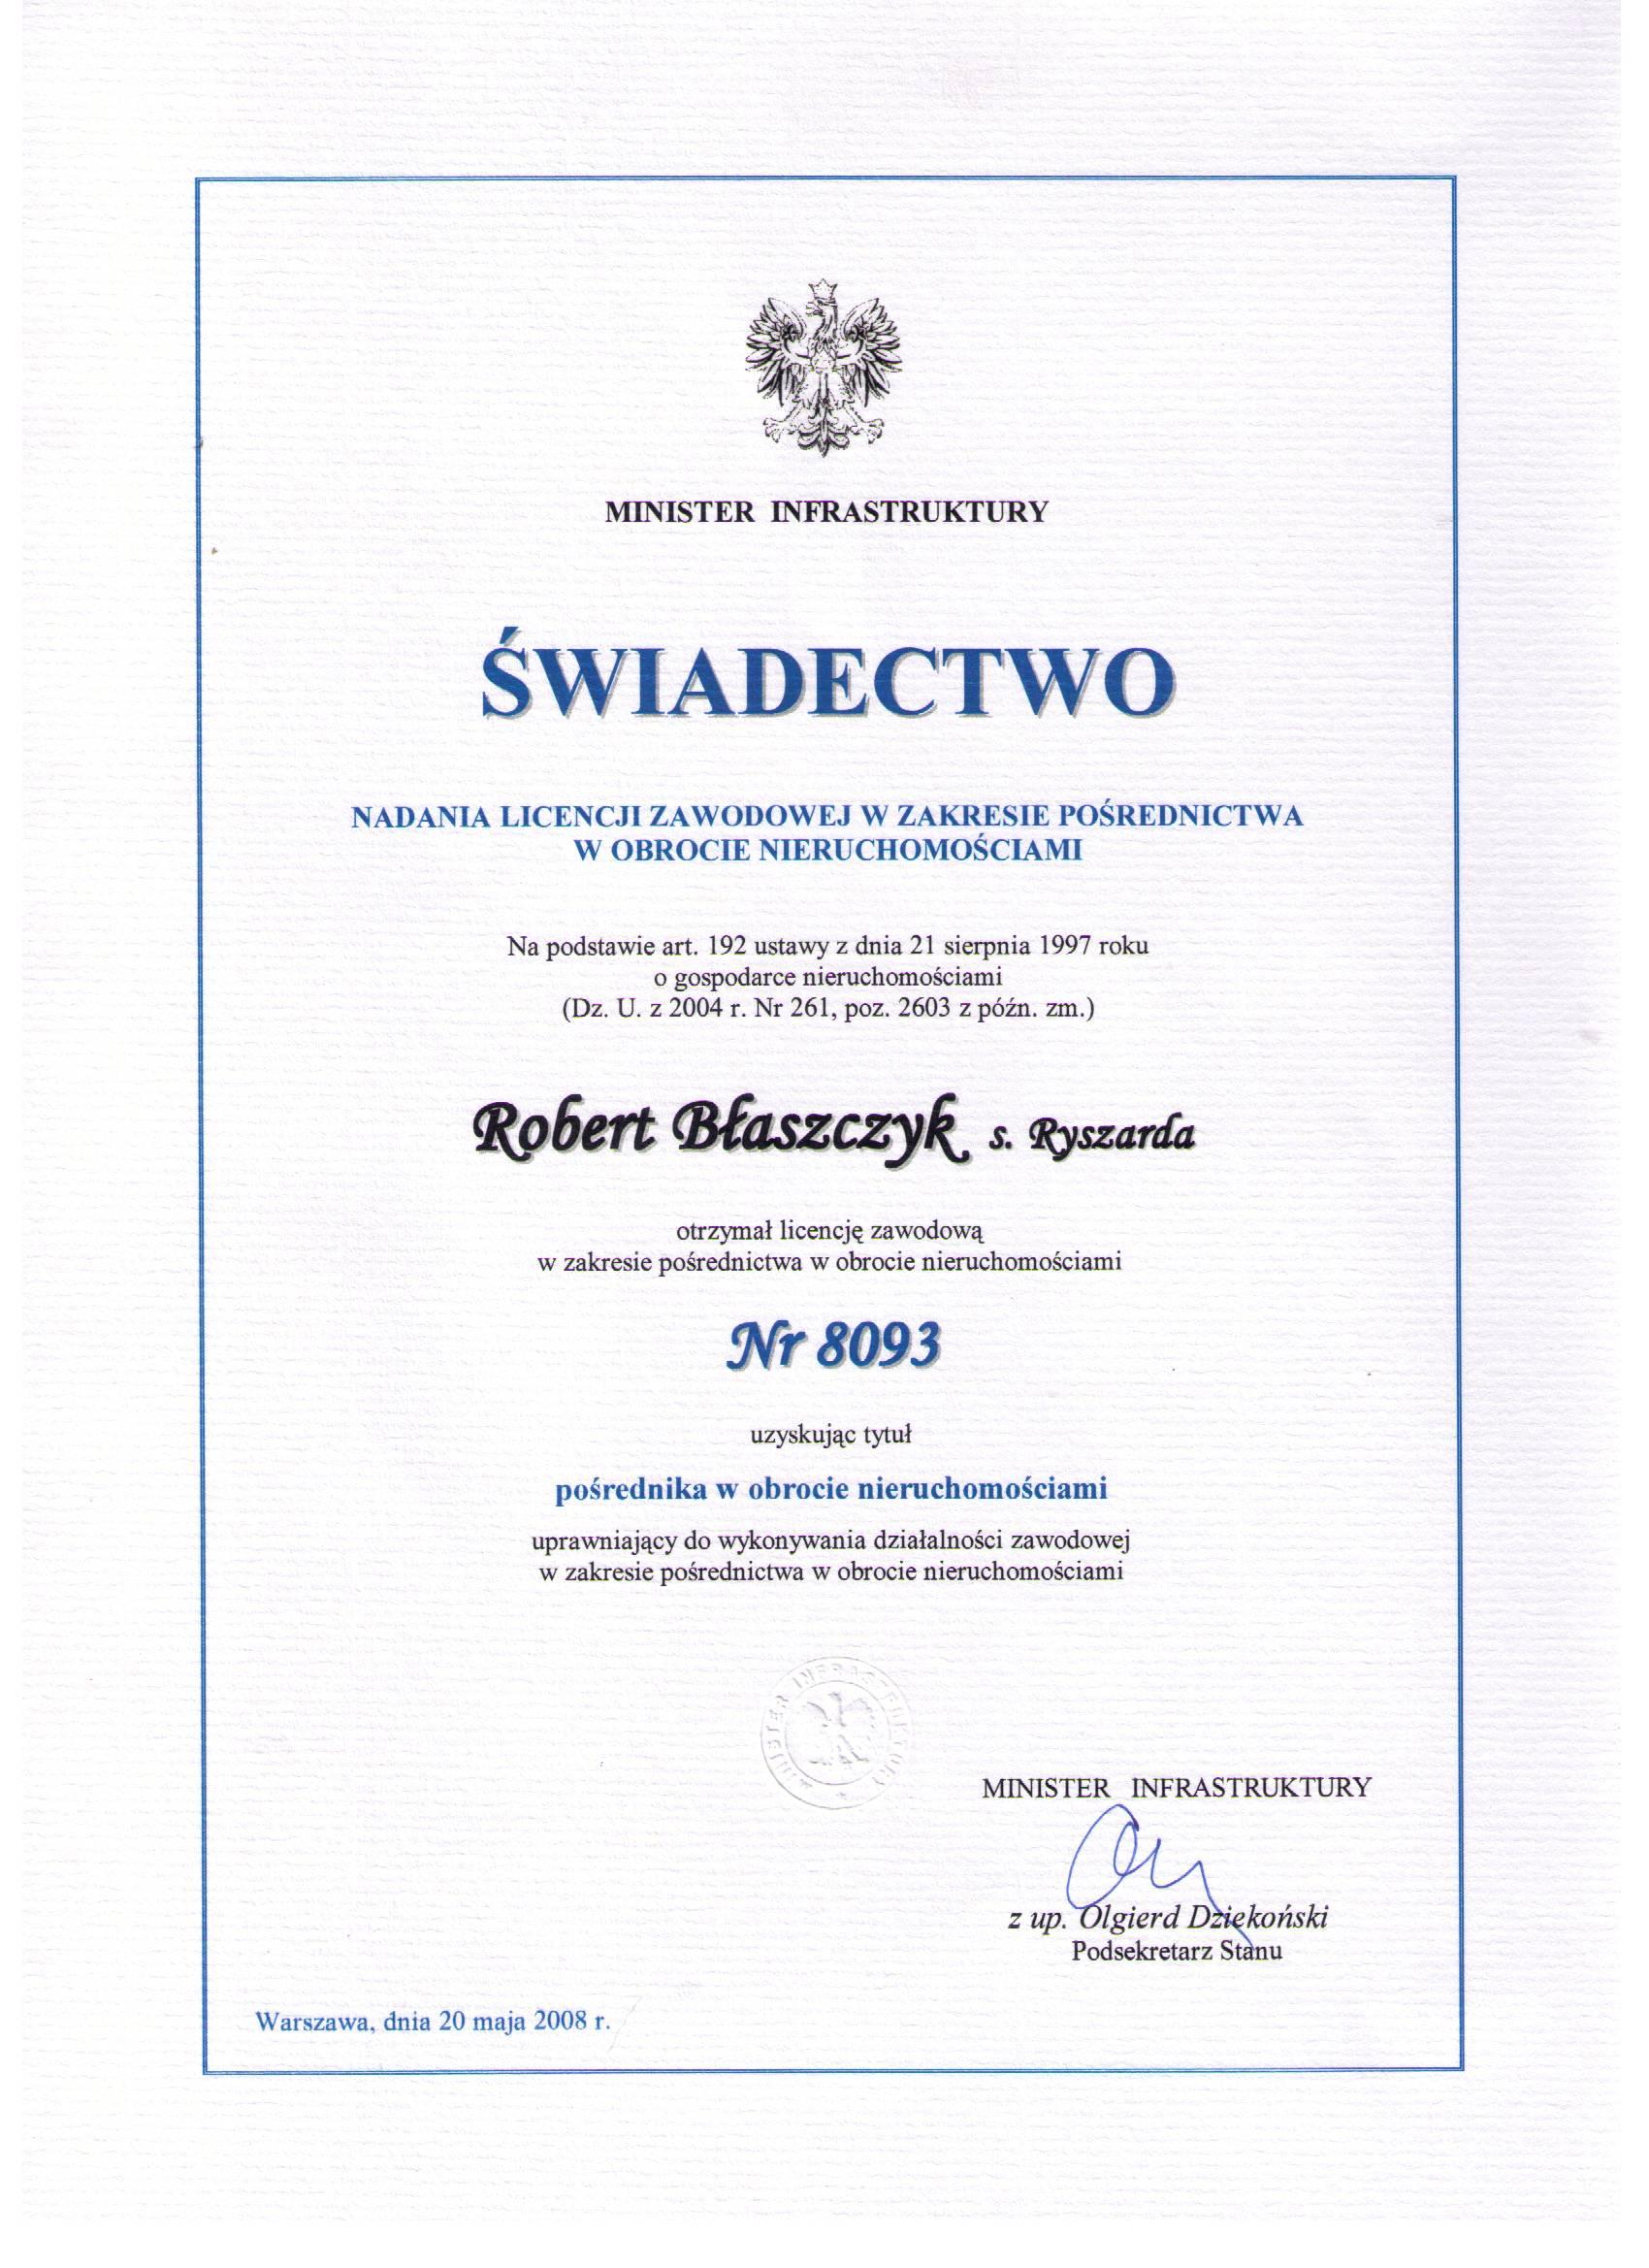 Licencja zawodowa